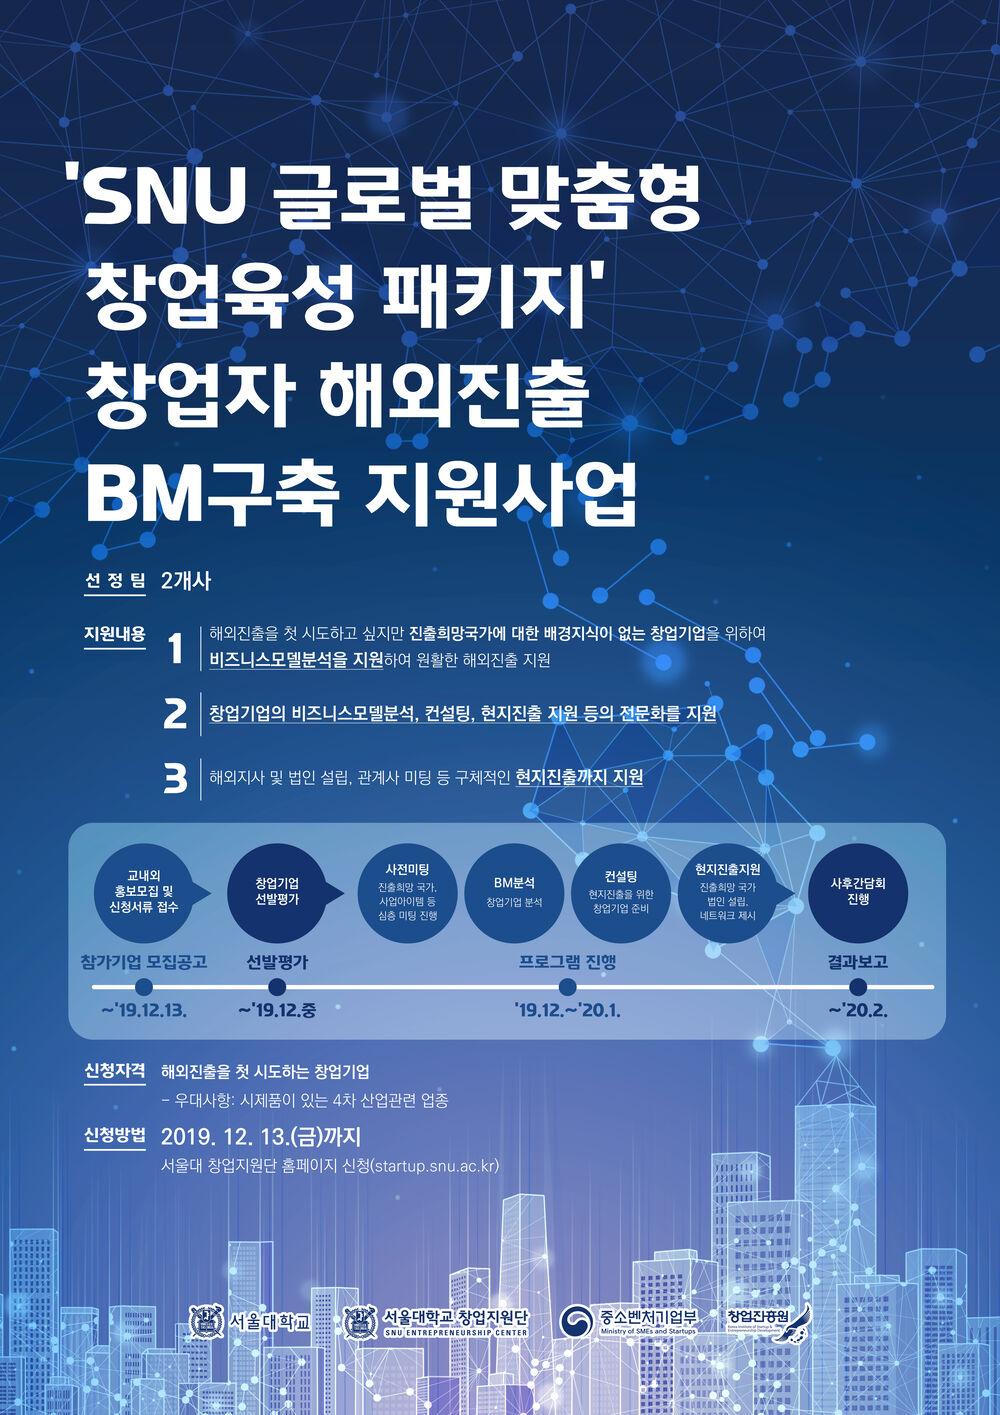 [포스터]SNU 글로벌 맞춤형 창업육성 패키지 창업자 해외진출 BM구축 지원사업_수정.jpg